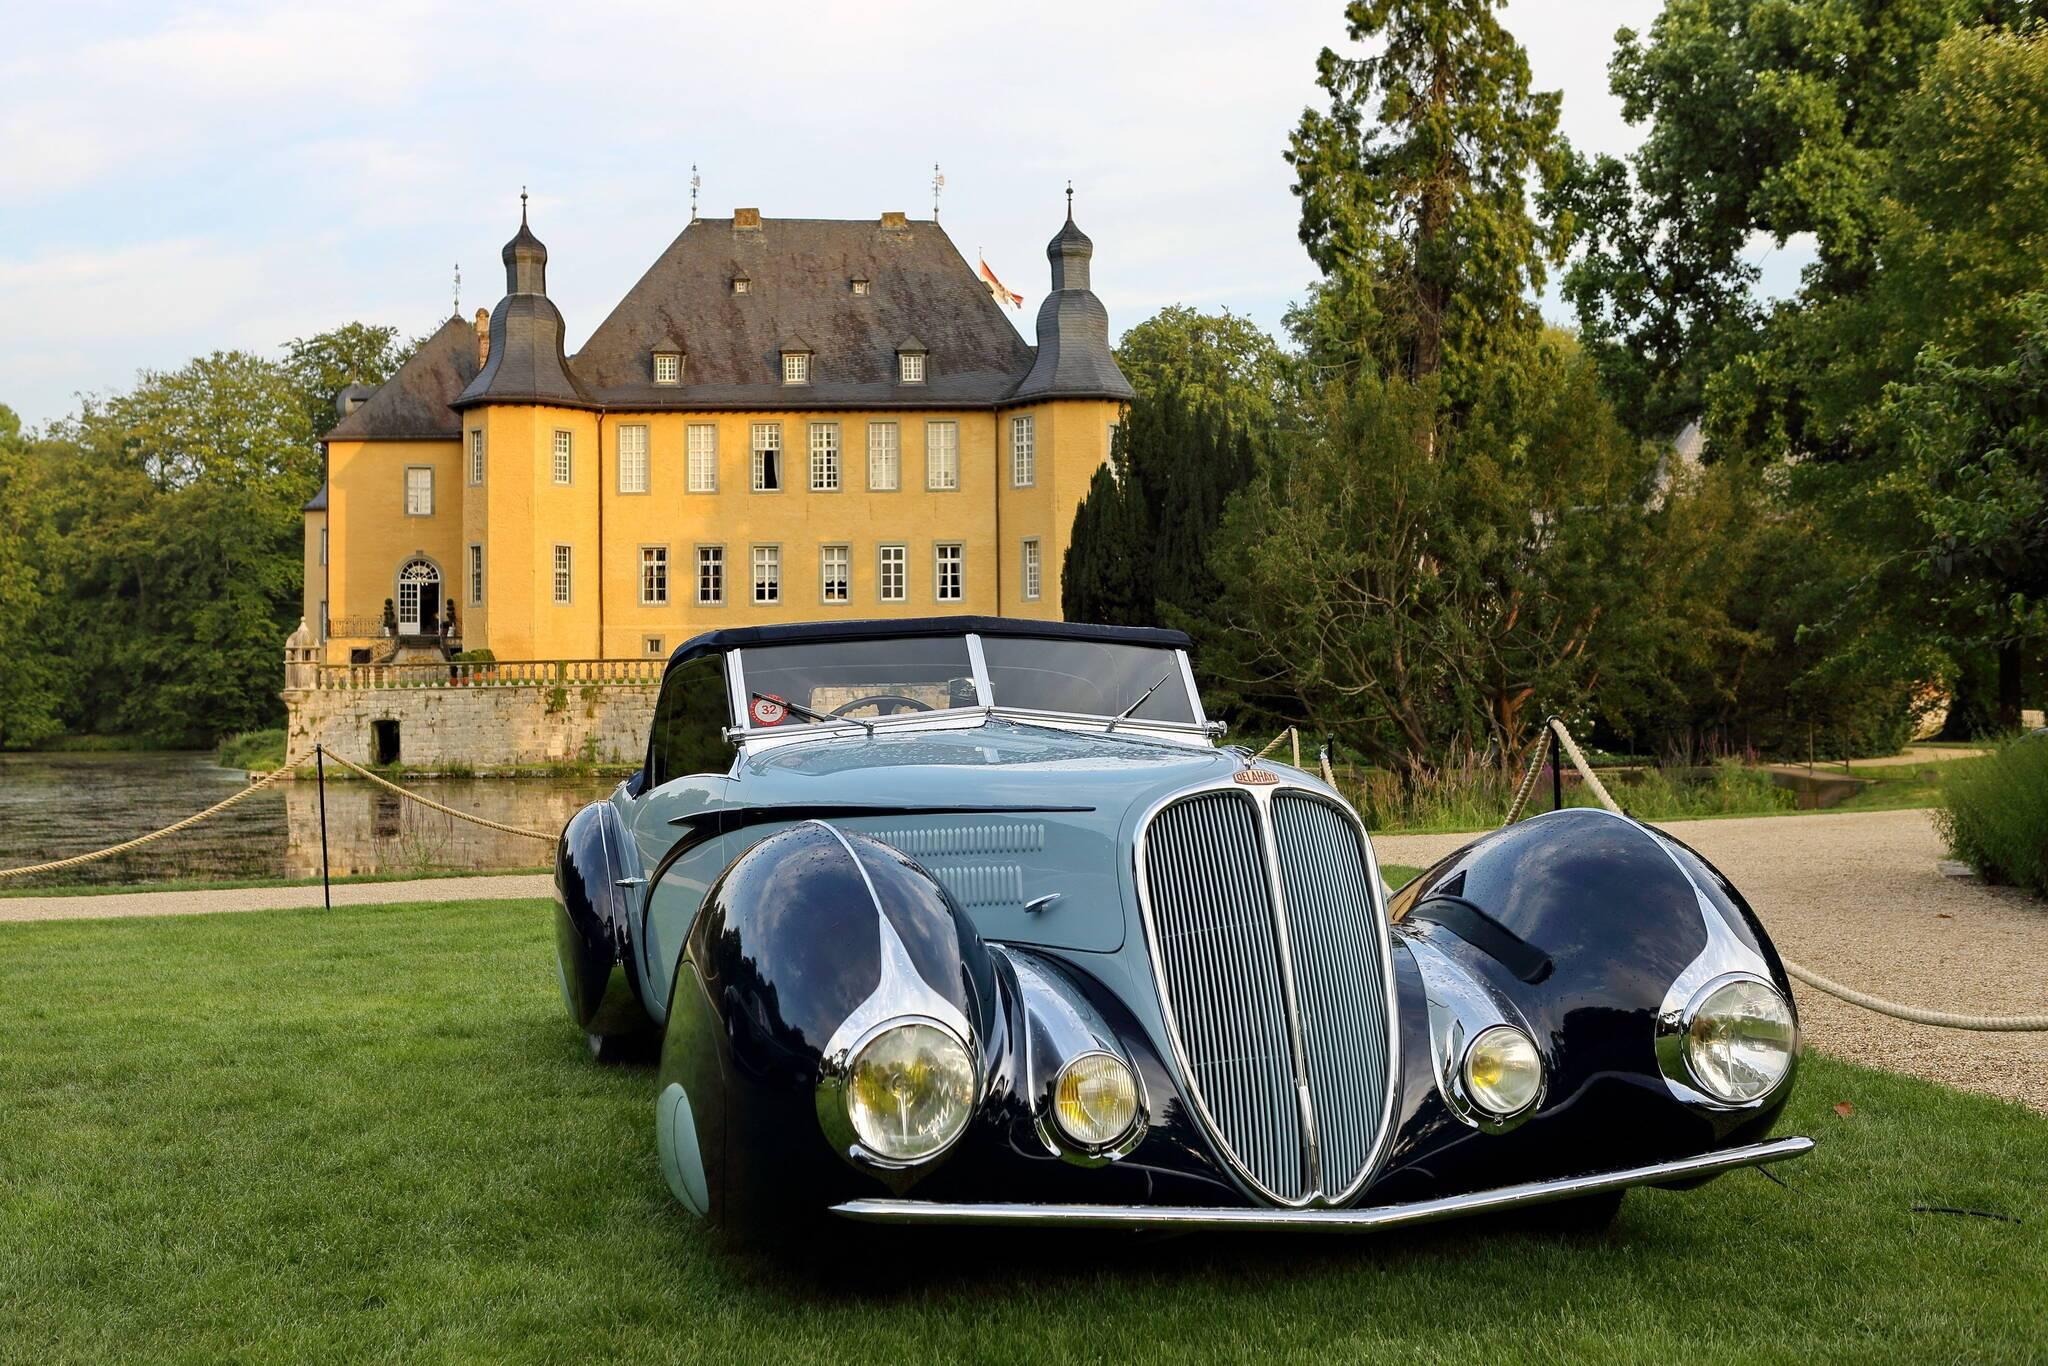 Schloss Dyck Veranstaltungen 2021